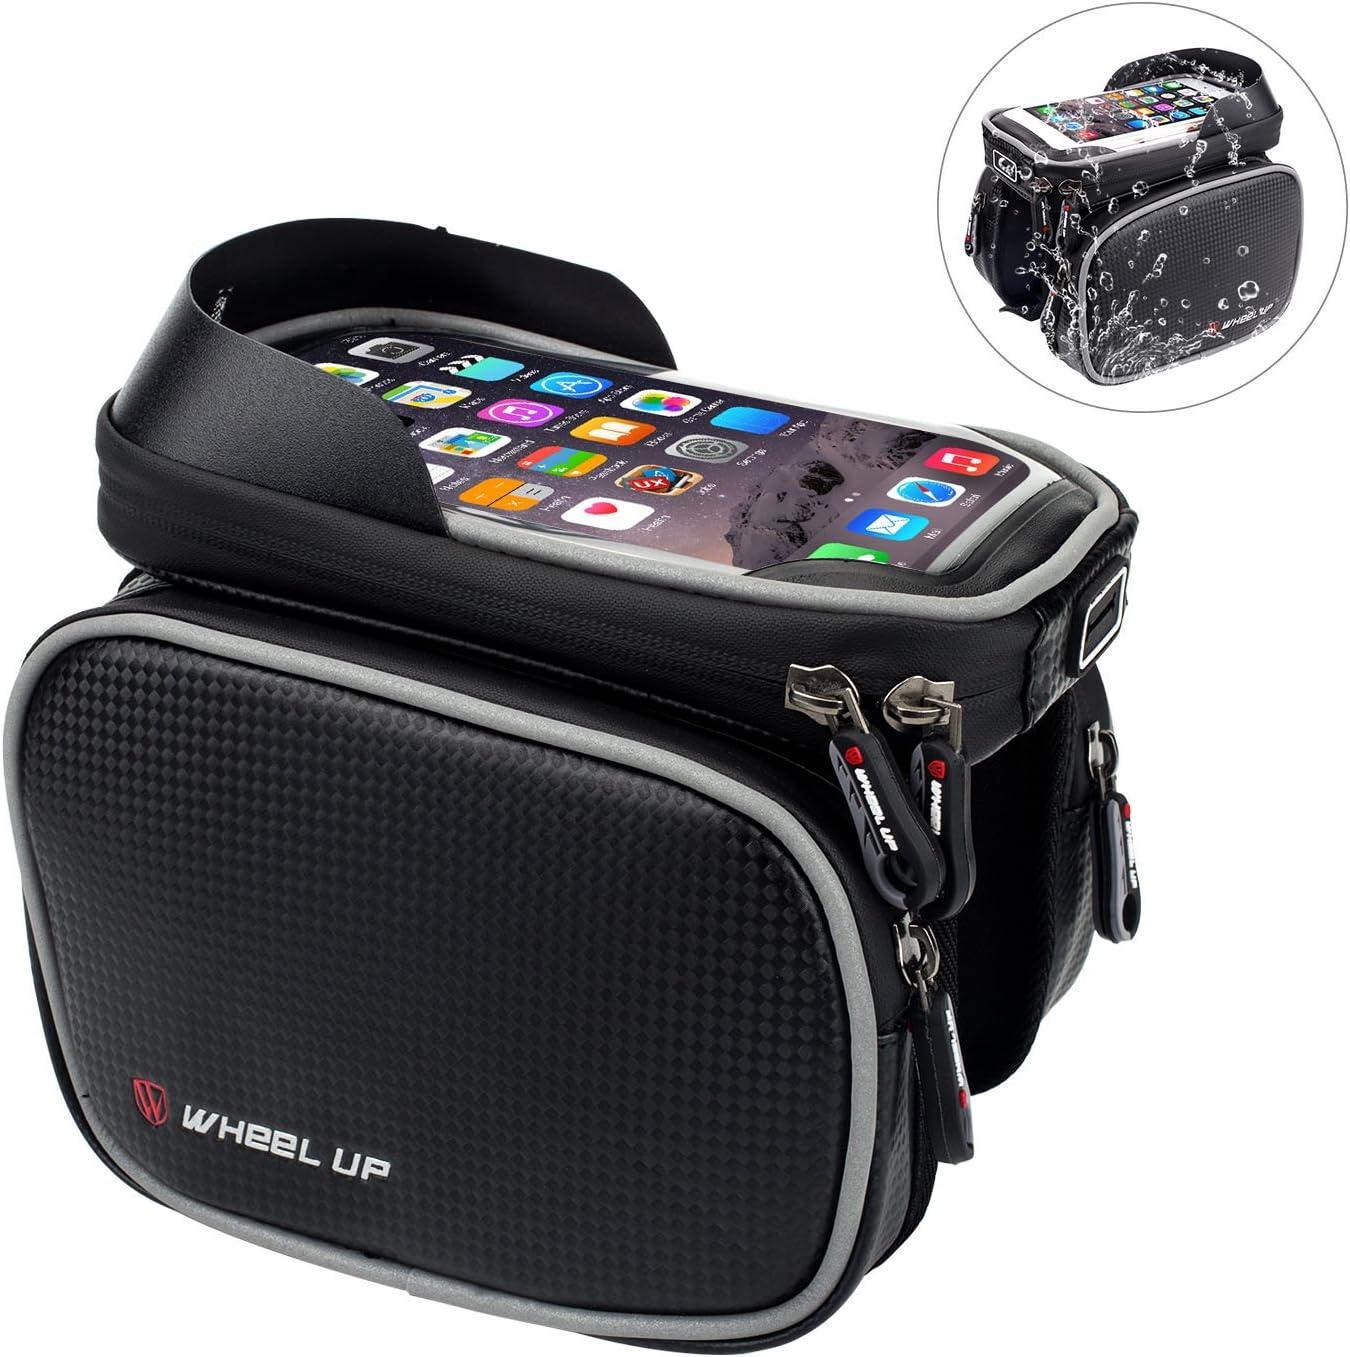 Fahrradtasche Rahmentaschen von EKOOS Wasserdichte Fahrradtasche mit TPU Sensible Touchscreen Frarradschnalletasche mit zwei F/äche f/ür iPhone Samsung bis zu 6 Zoll